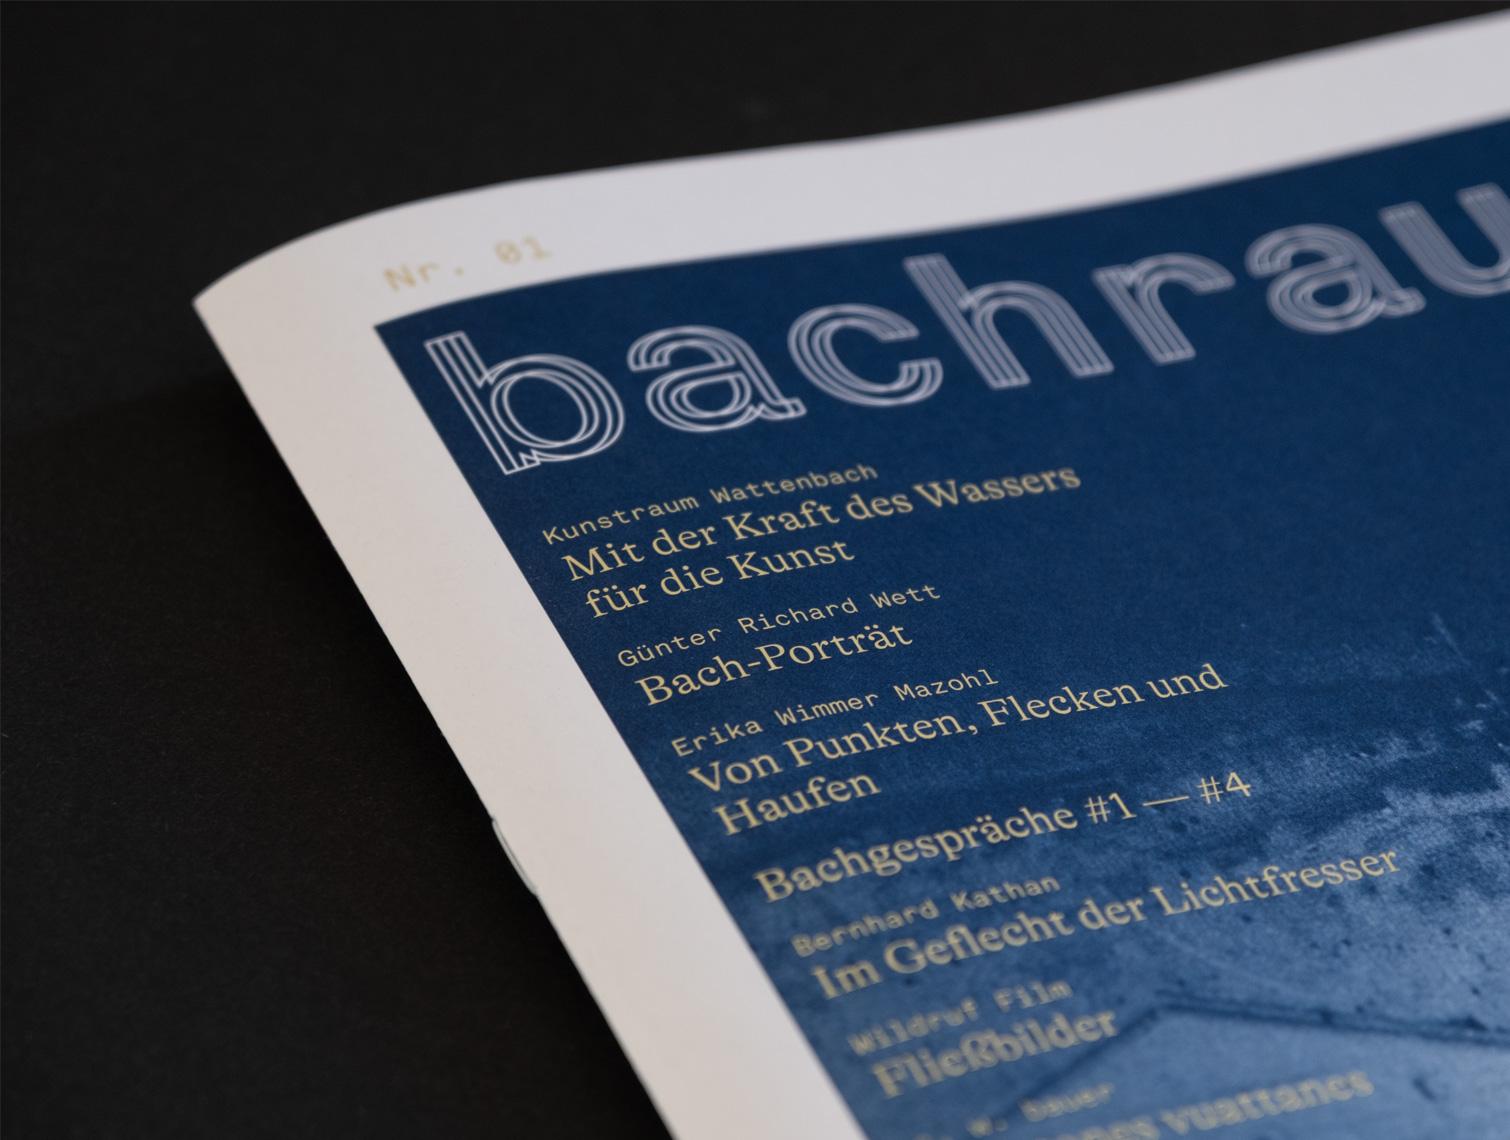 bachrauschen_app_1510x1140px.jpg